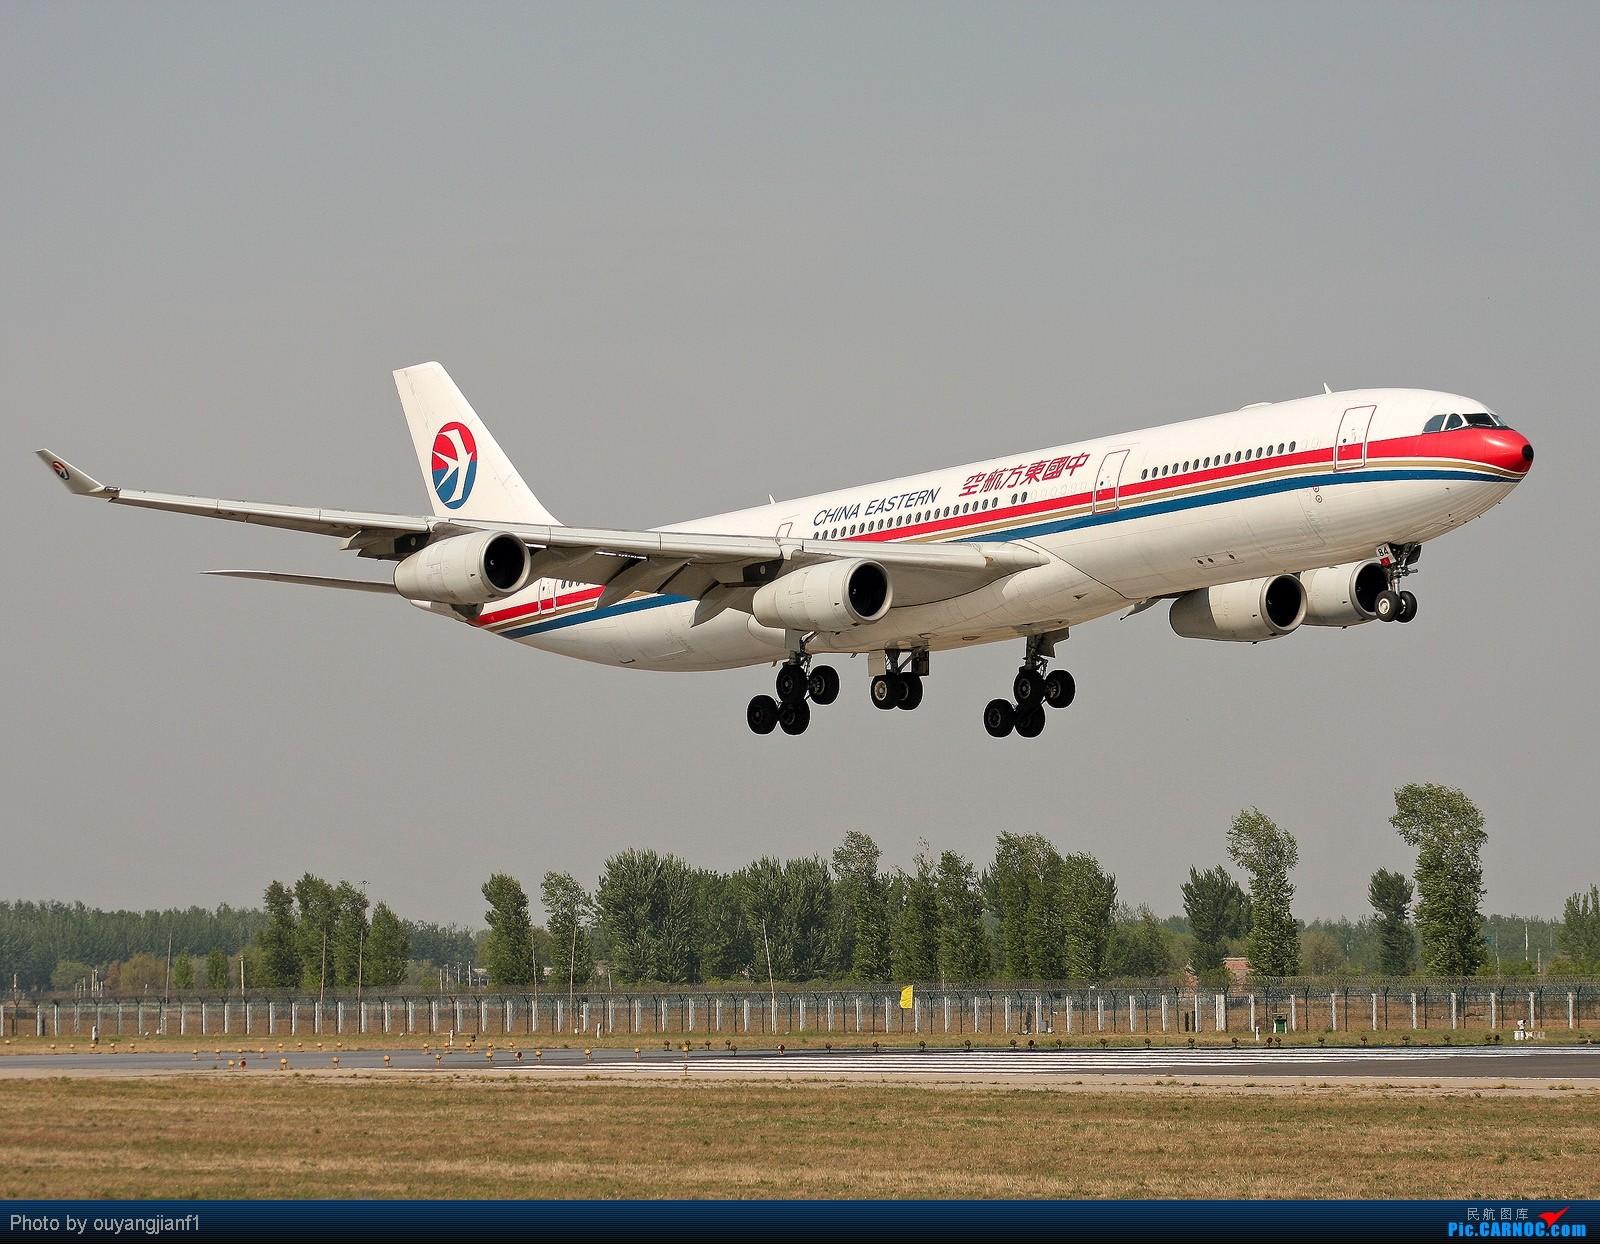 [原创]快有一年没去西跑道了,拍机的感觉已逐渐淡忘,但是只要心中有梦,手中有单反,一切皆有可能! AIRBUS A340-300 B-2384 北京